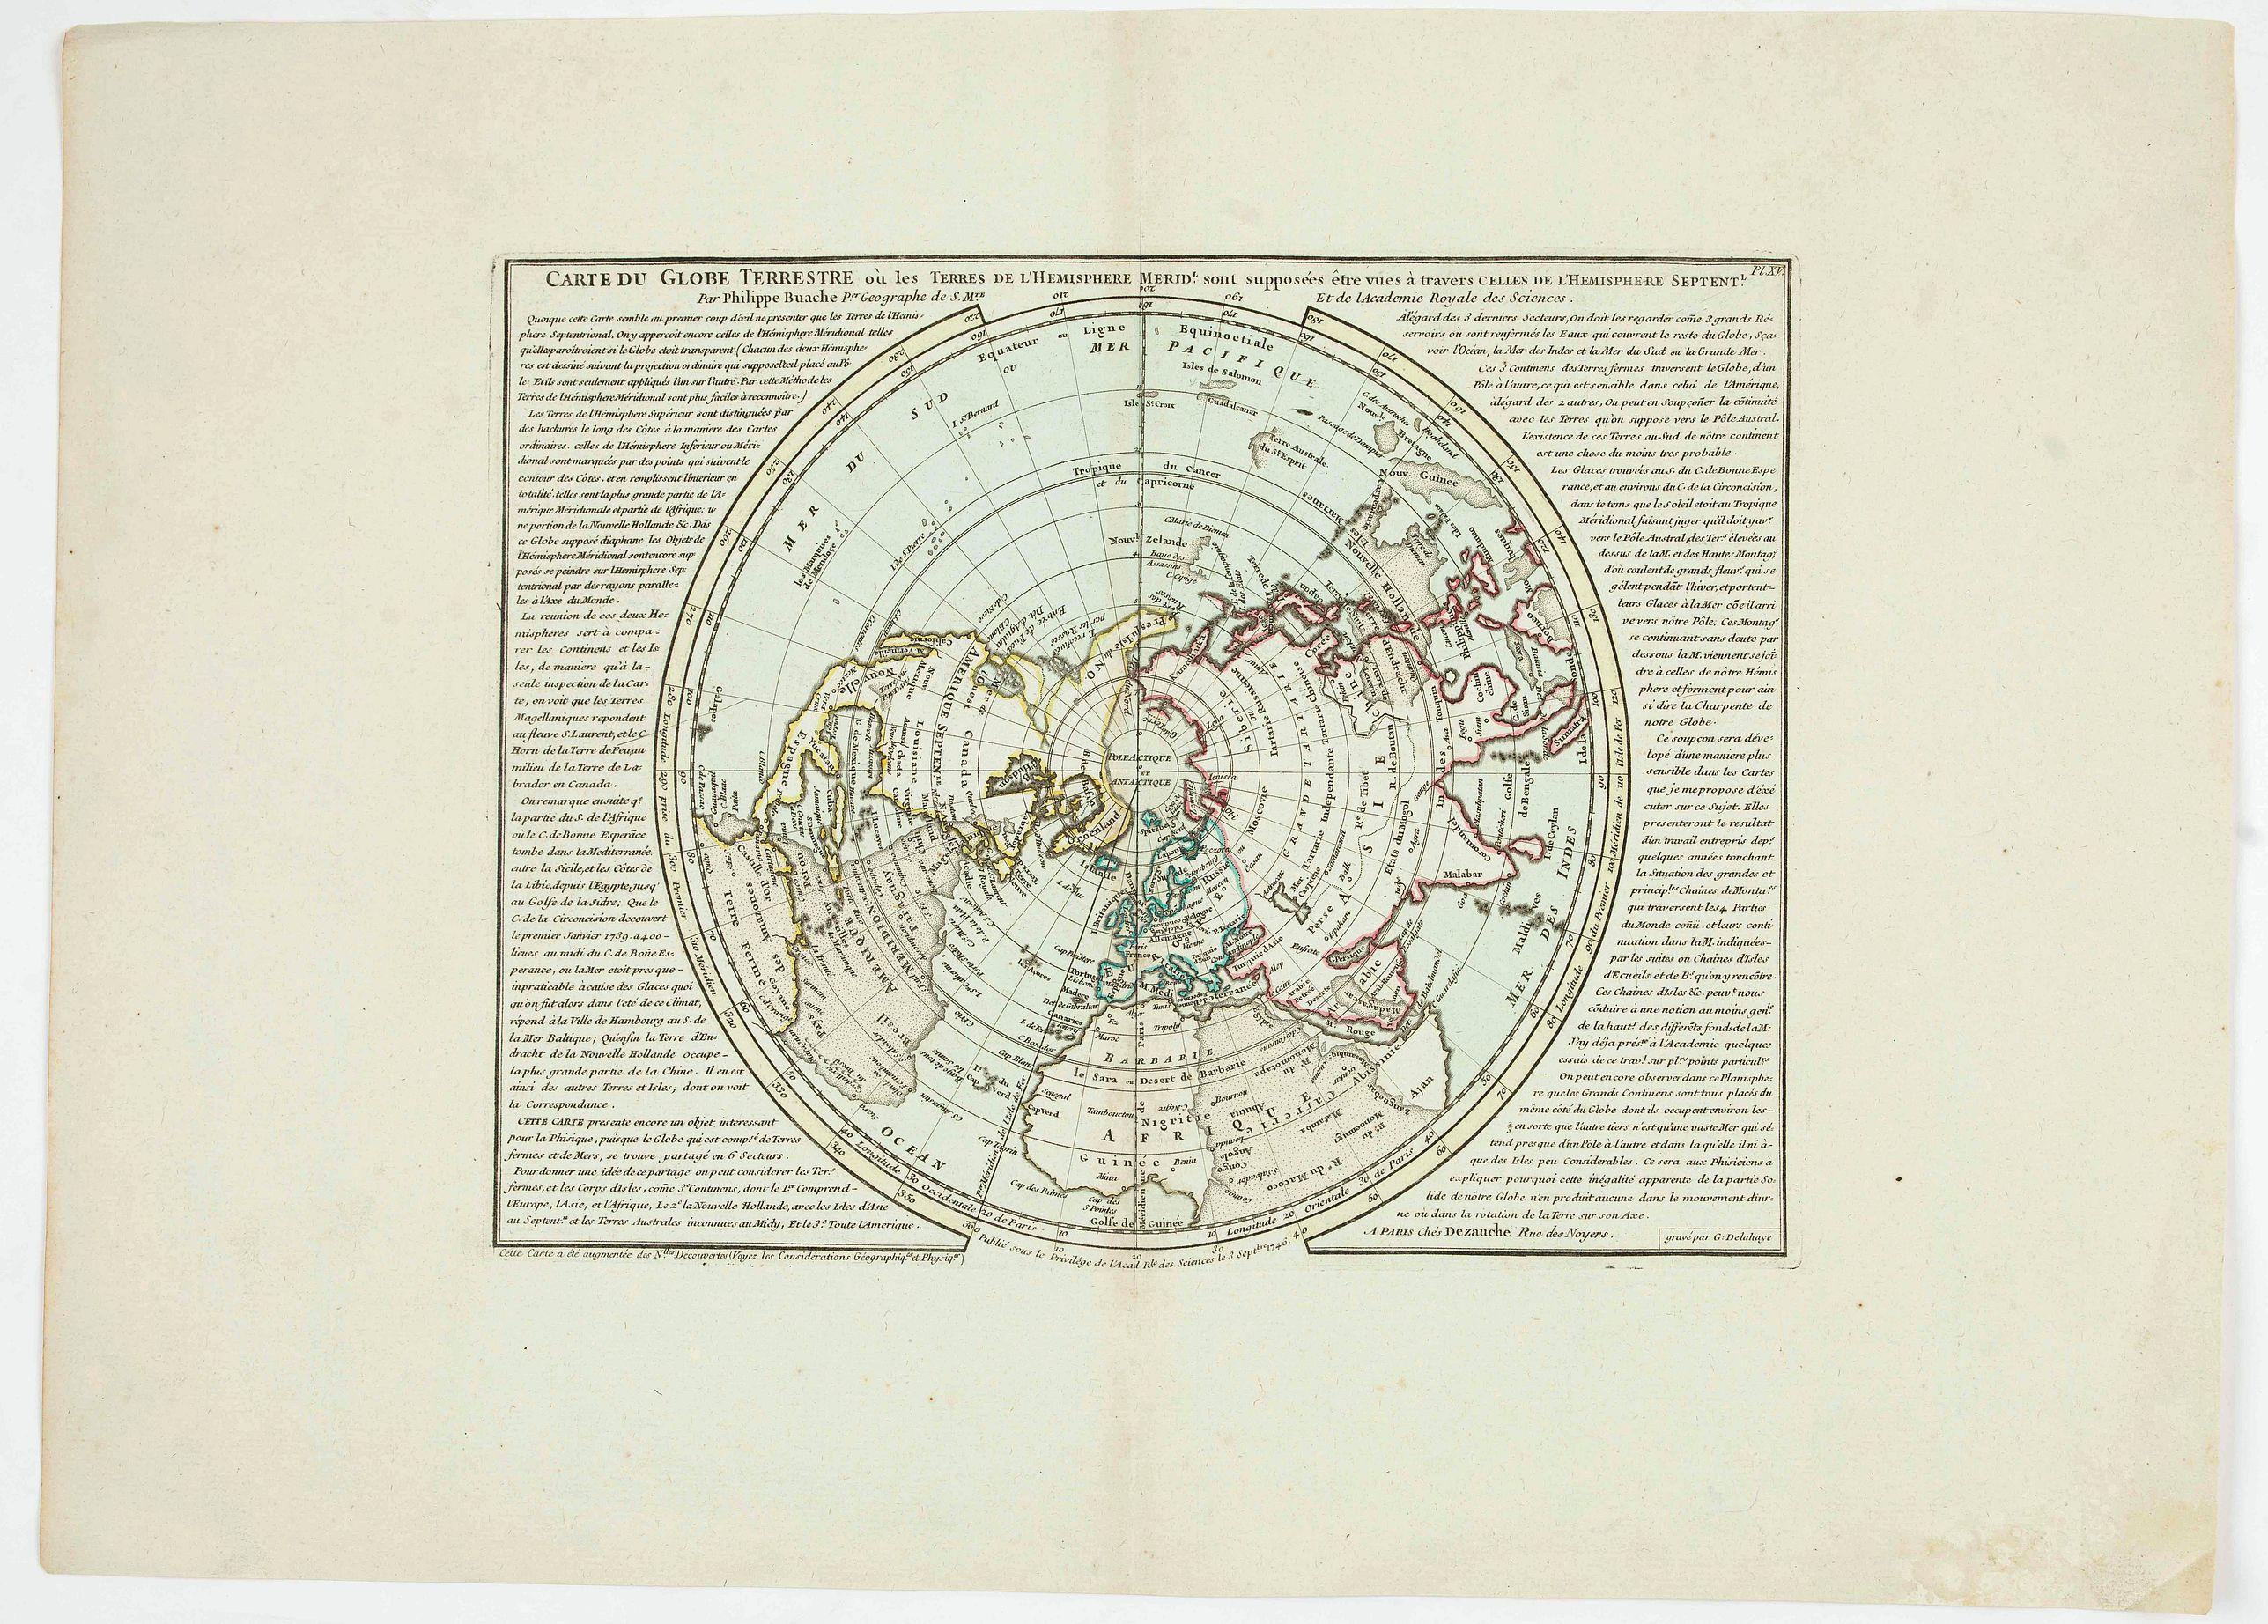 BUACHE, P. - Carte du globe terrestre où les terres de l'hémisphère méridl sont supposées être vues à travers celles de l'hémisphère septentl.